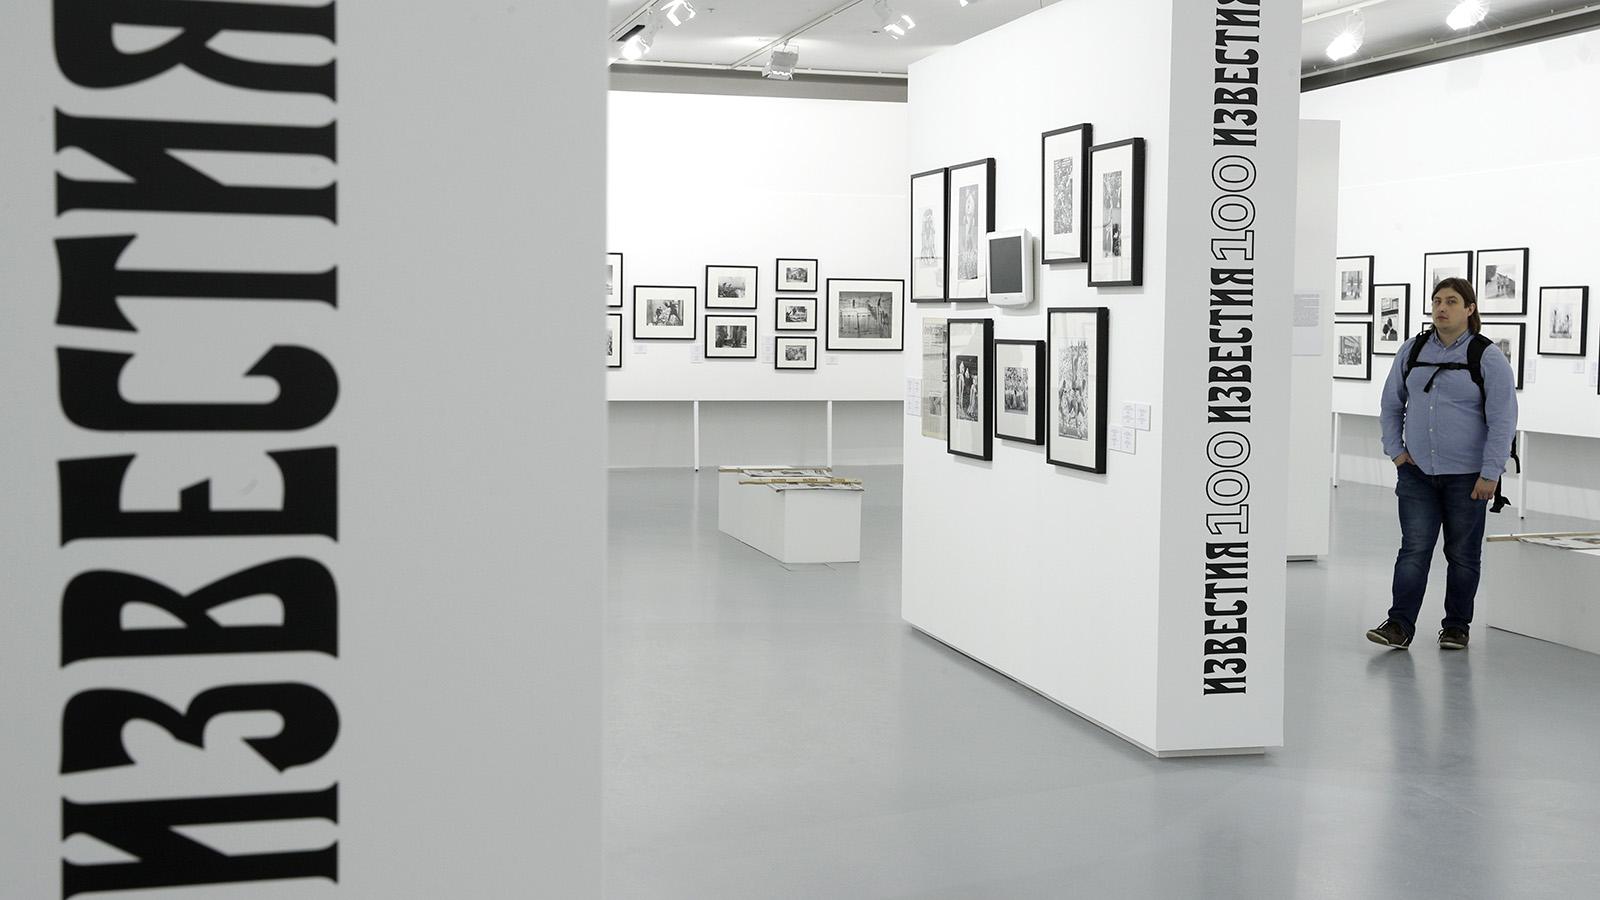 Выставка «Известия»: 100 лет вместе»  в Мультимедиа Арт Музее